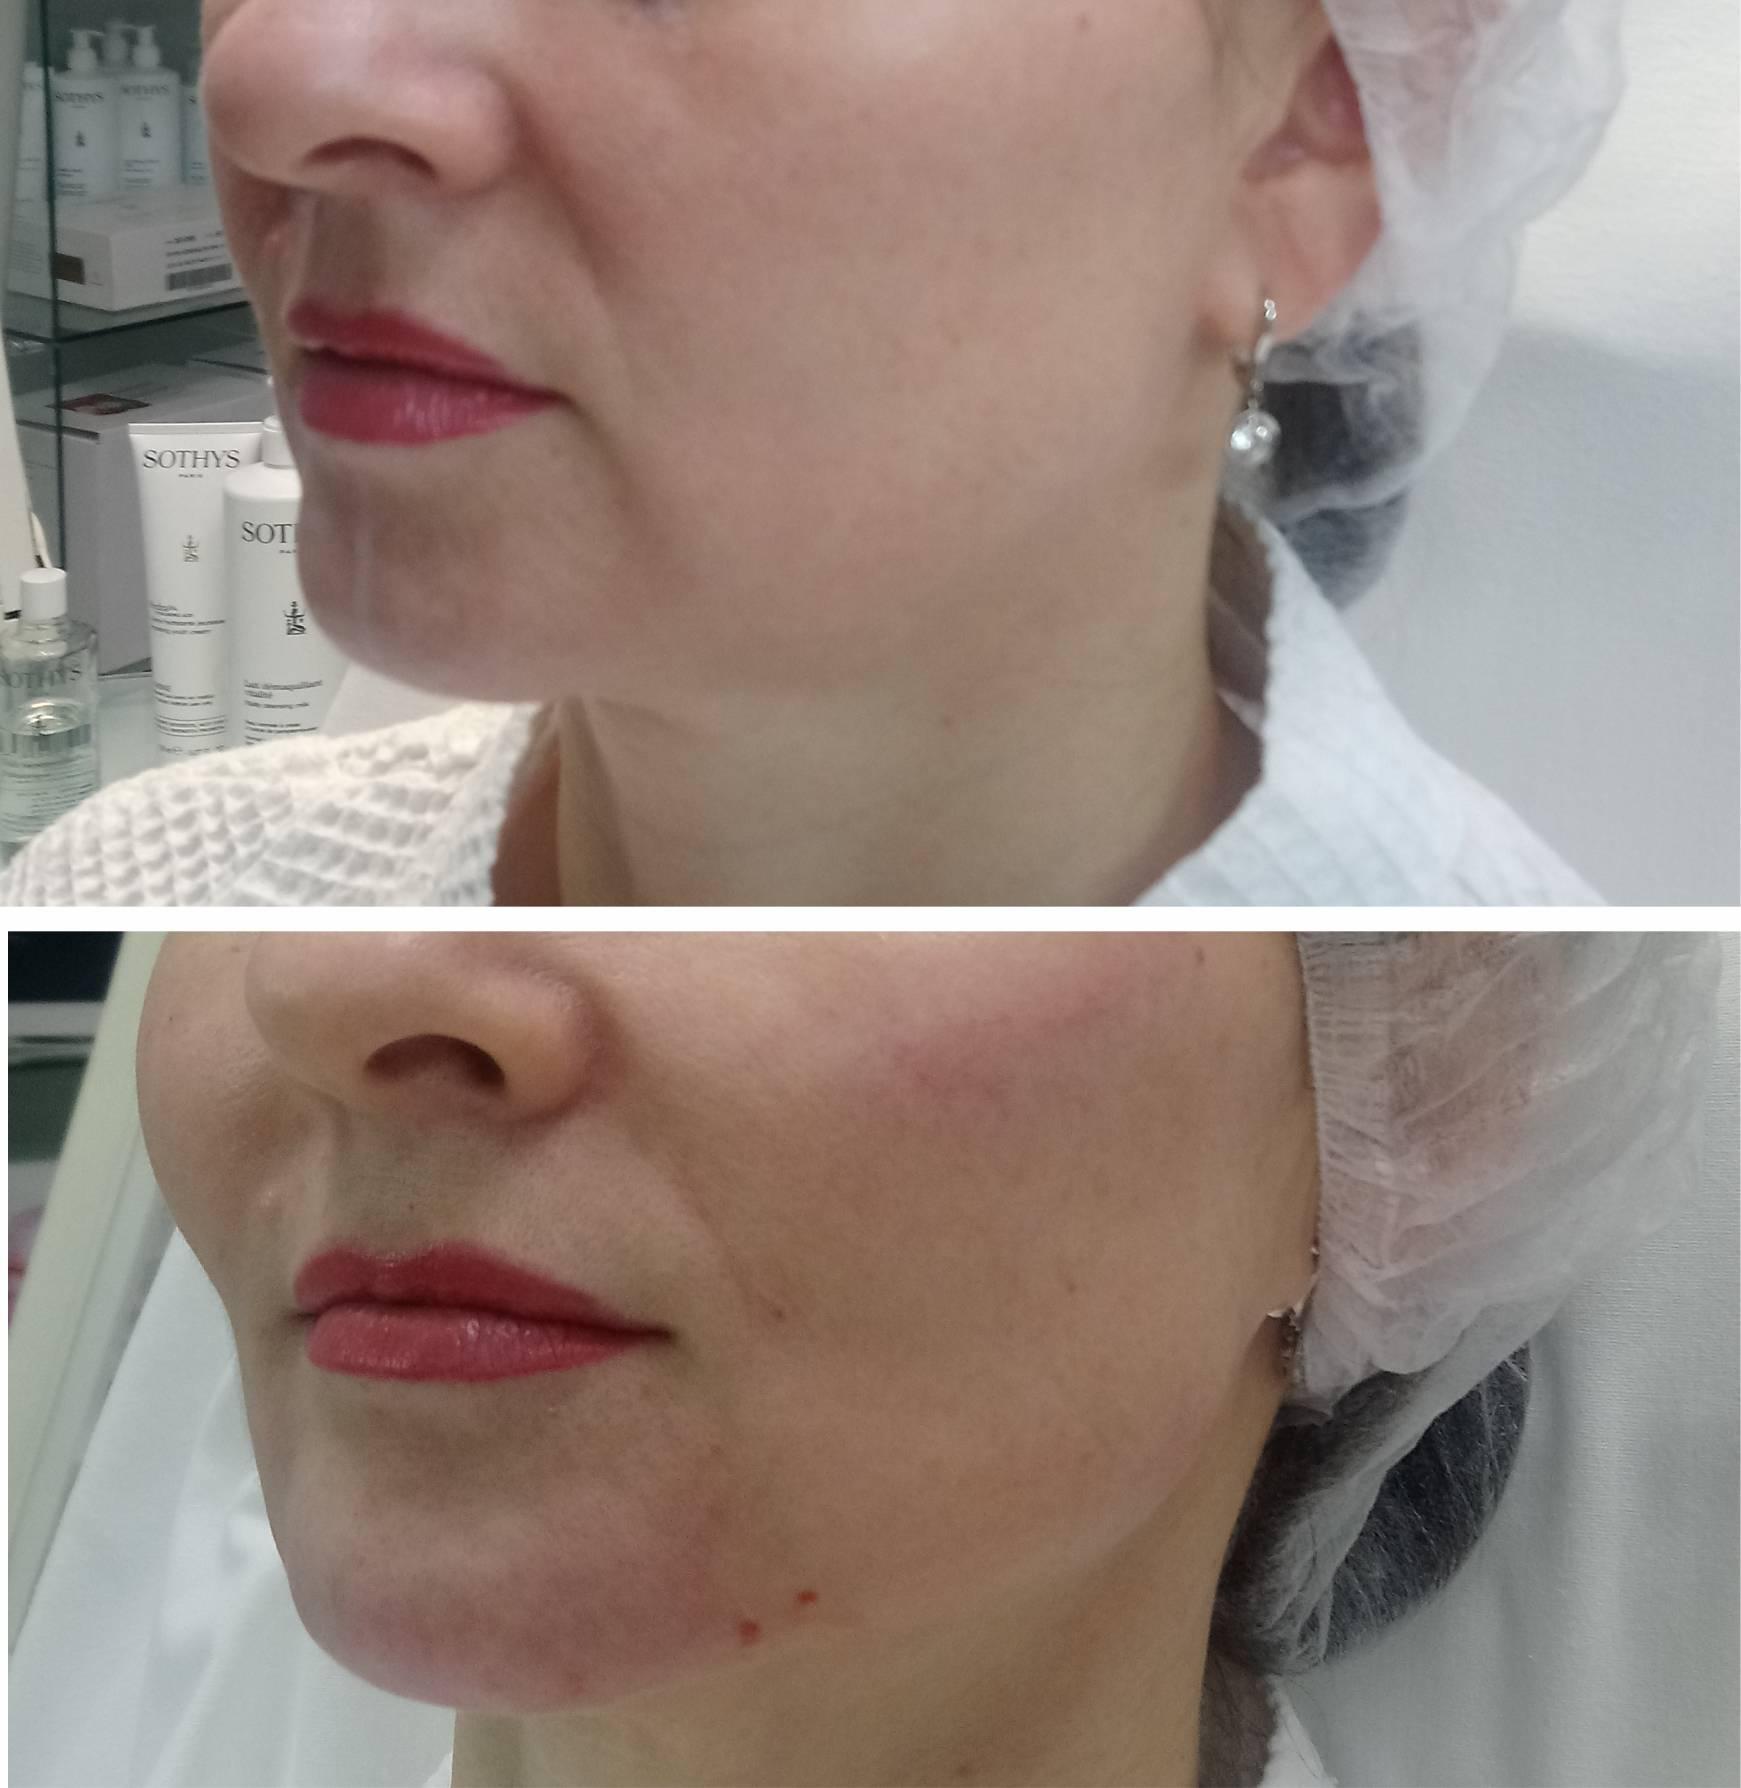 Морщины верхней трети лица: типизация, клиника, программы коррекции